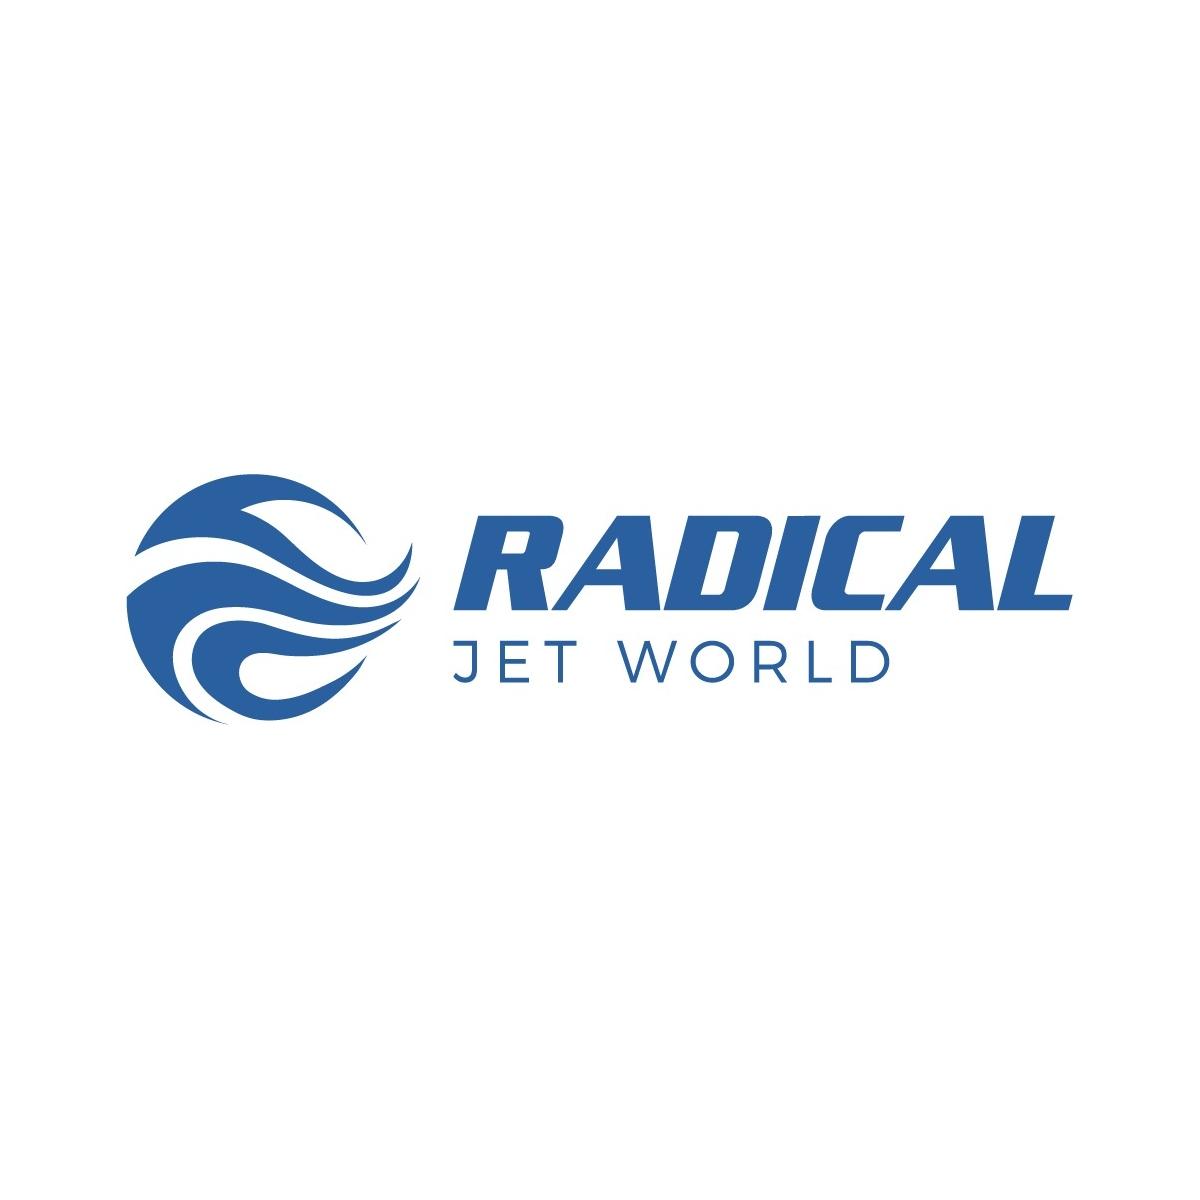 Corrente de Comando para Jet Ski Sea Doo 4 TEC Wsm  - Radical Peças - Peças para Jet Ski